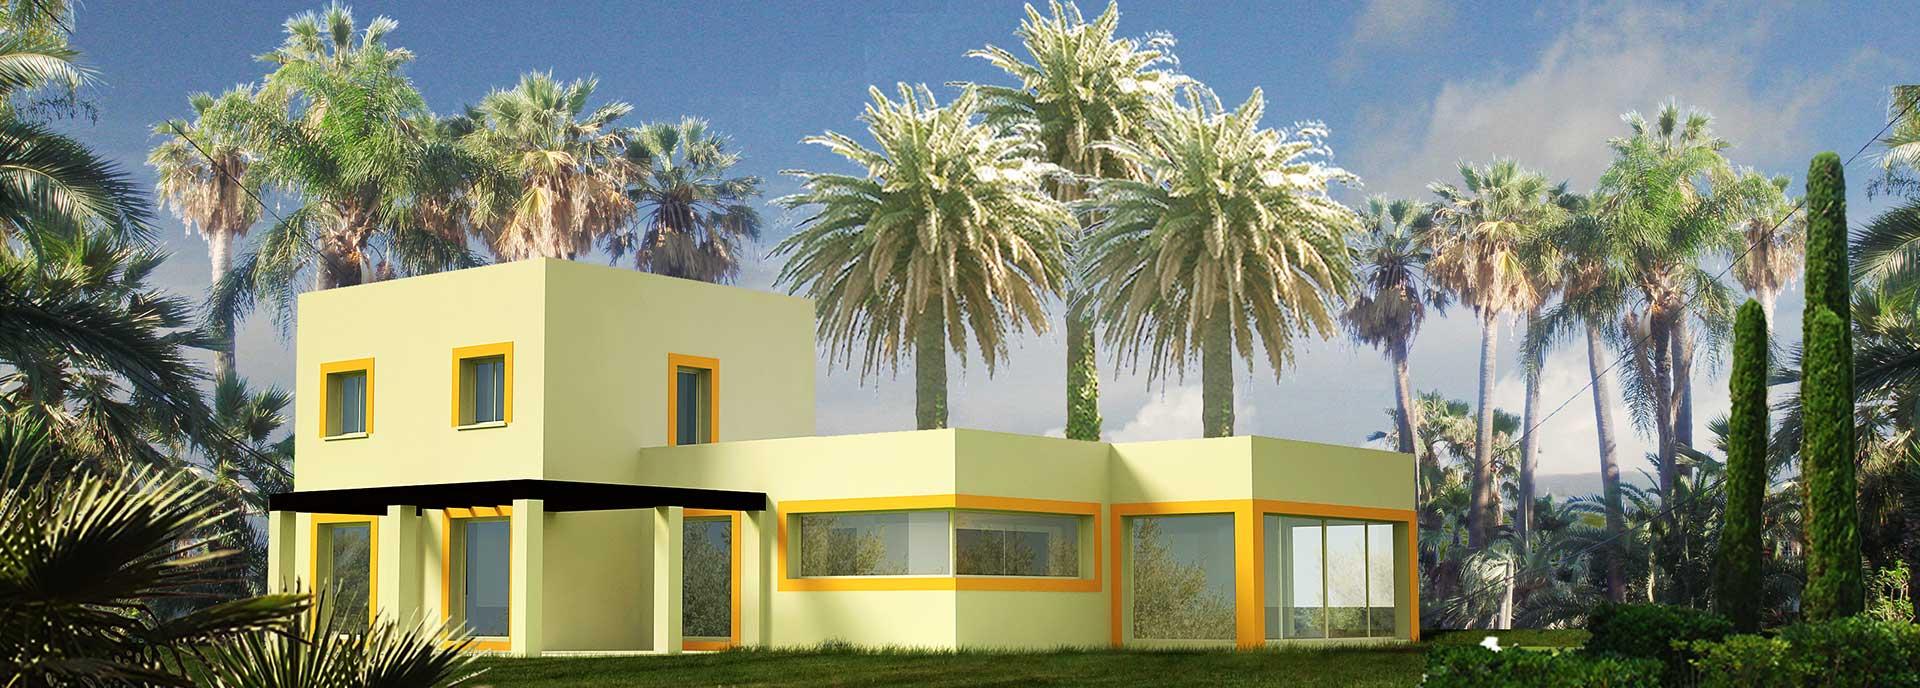 Suntree Villa Concept 5